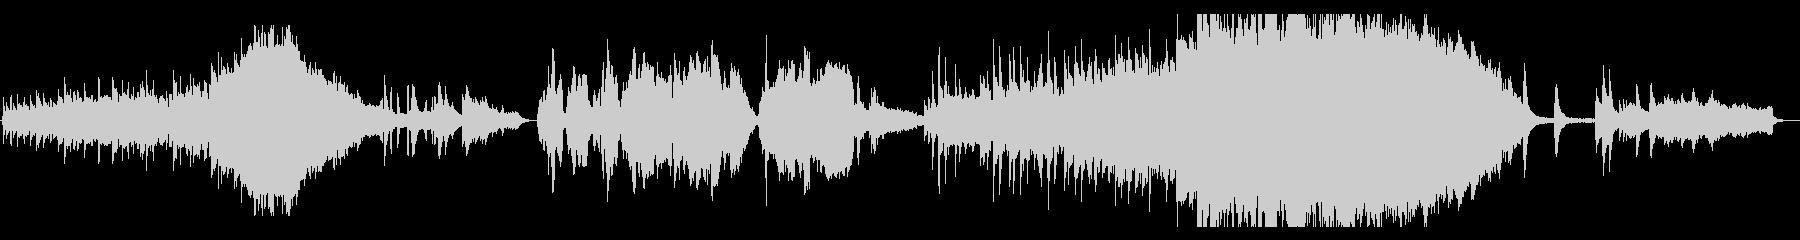 ストリングス、ピアノの感動的な映画音楽の未再生の波形